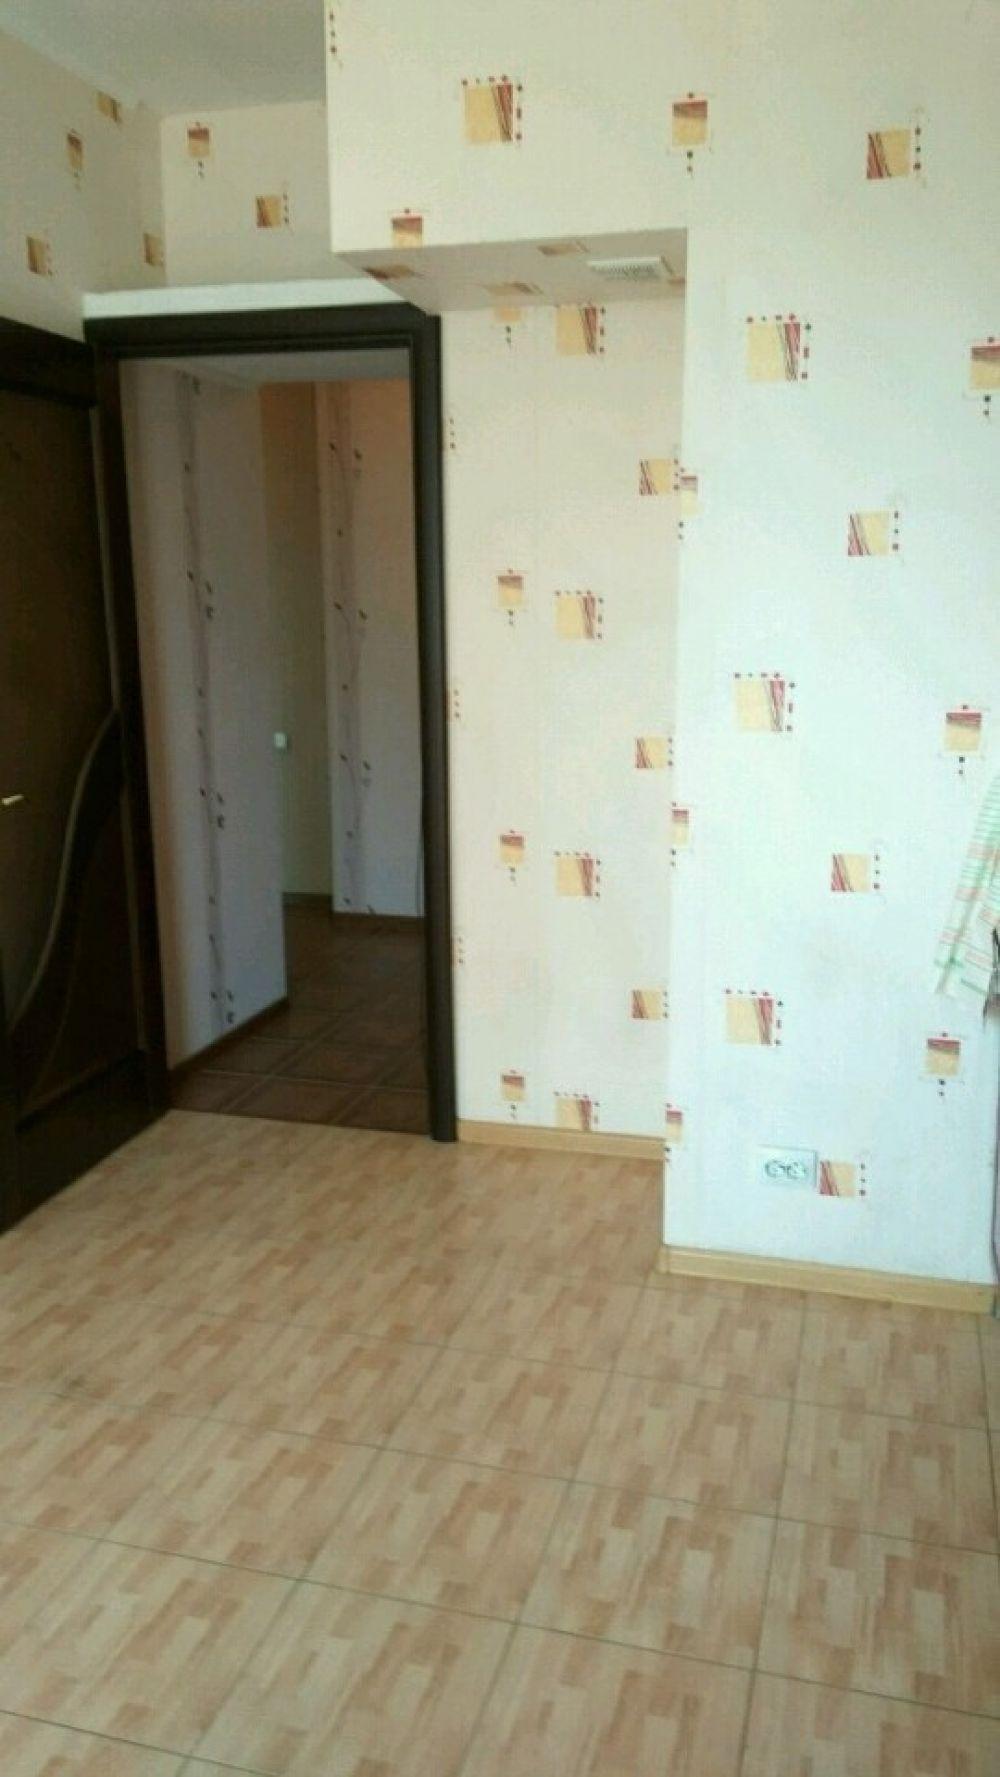 1-к квартира, Щёлково, улица Неделина, 24, фото 2